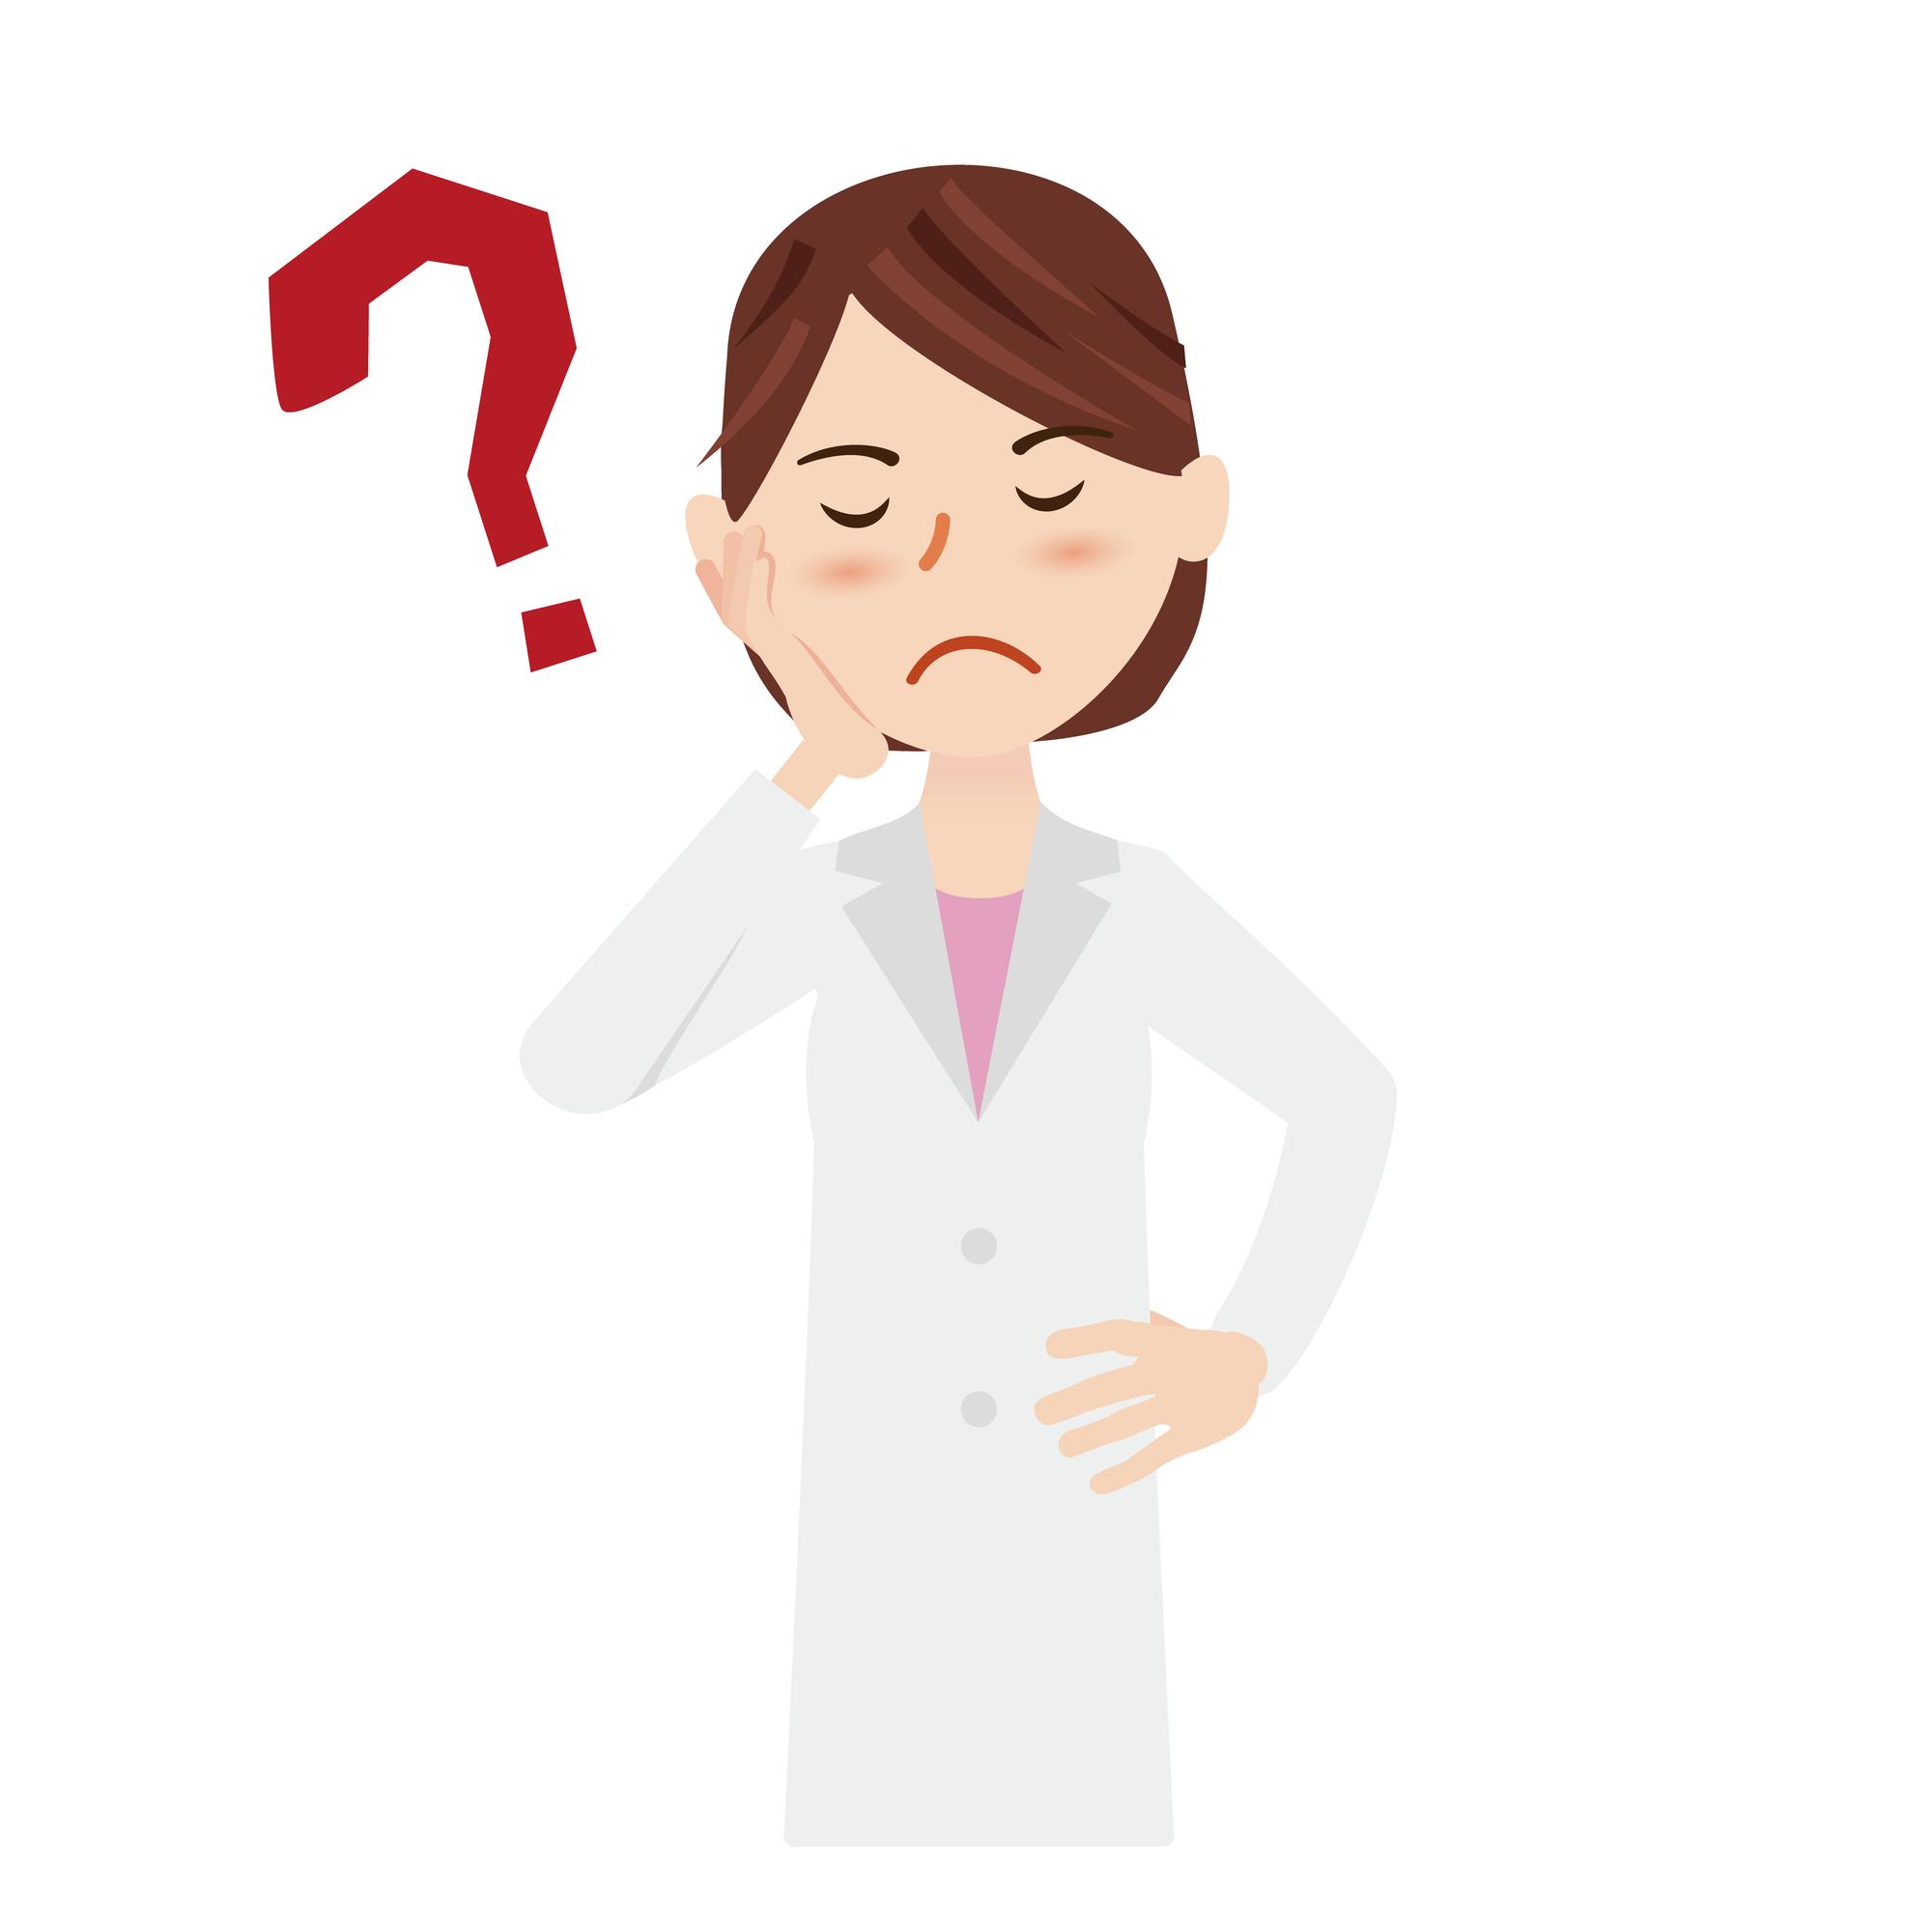 【医師監修】肥厚性幽門狭窄(ひこうせいゆうもんきょうさく ...